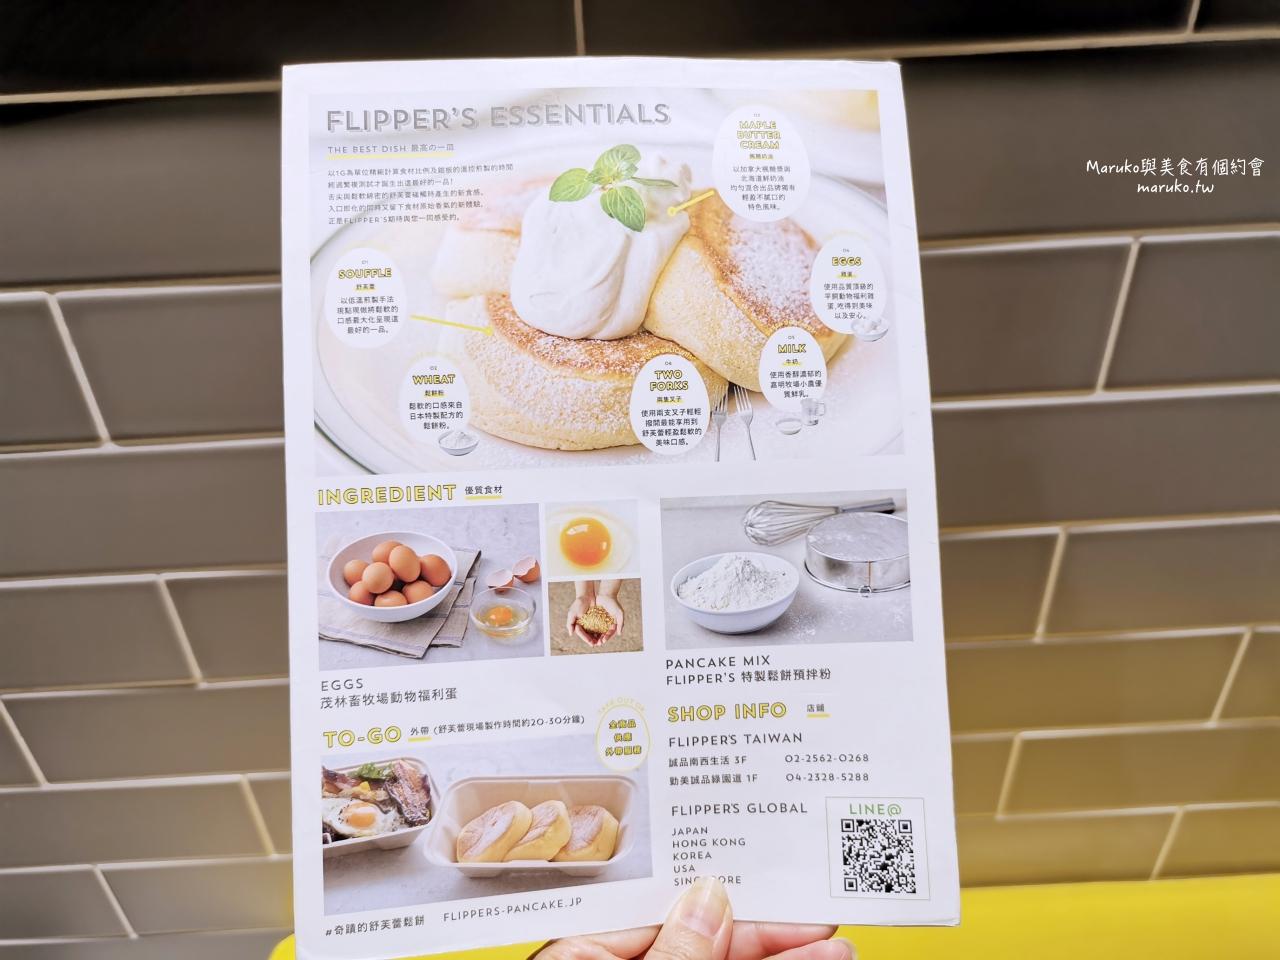 【台北】FLIPPER'S奇蹟的舒芙蕾鬆餅/來自東京的人氣甜點舒芙蕾鬆餅/誠品南西美食 @Maruko與美食有個約會